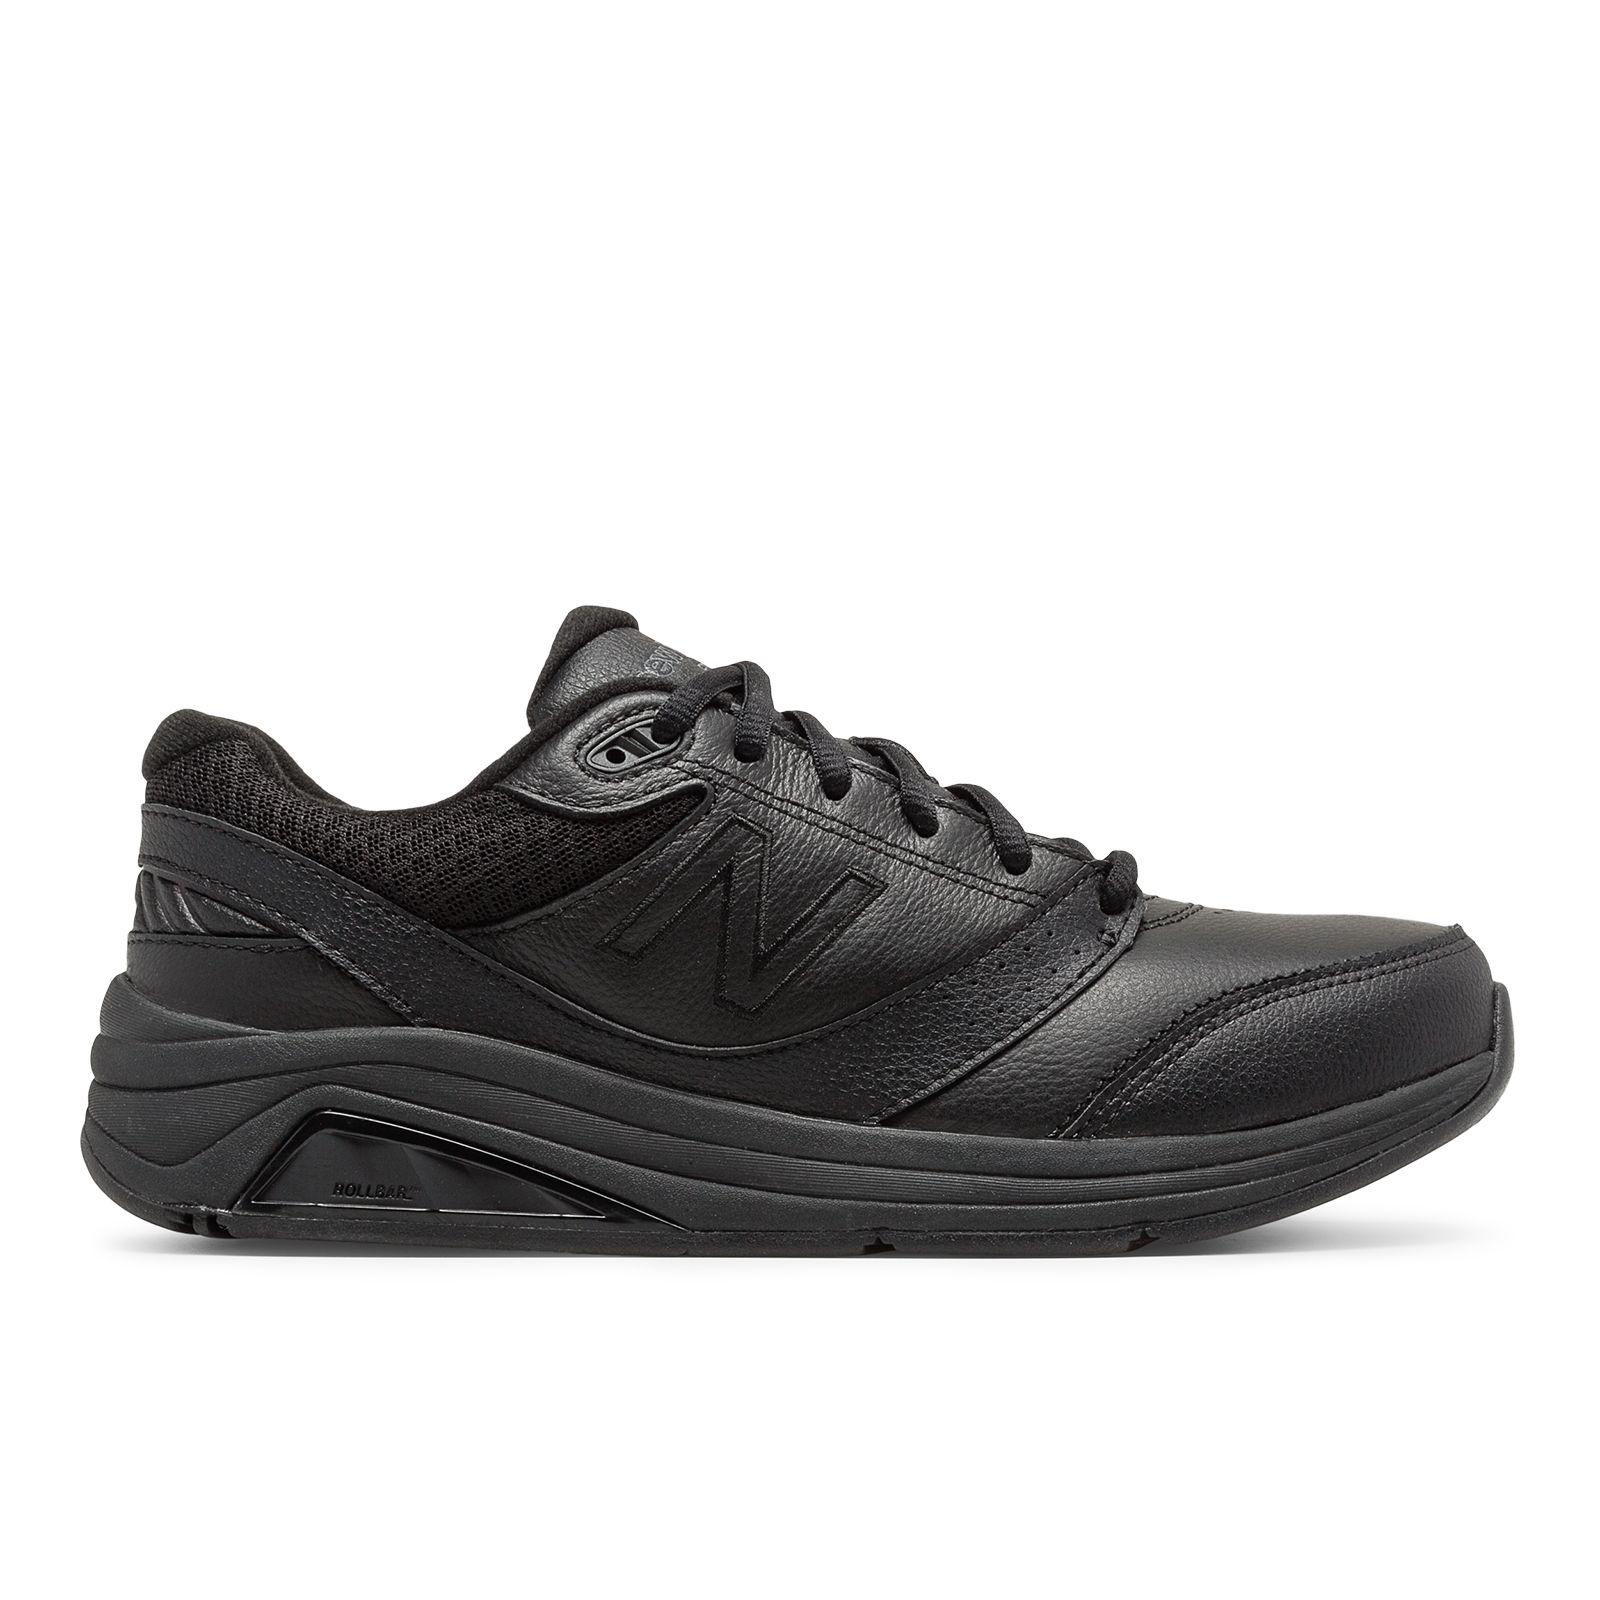 Mejores Zapatos Para Mujer Nuevo Equilibrio Para Caminar 06UnaB